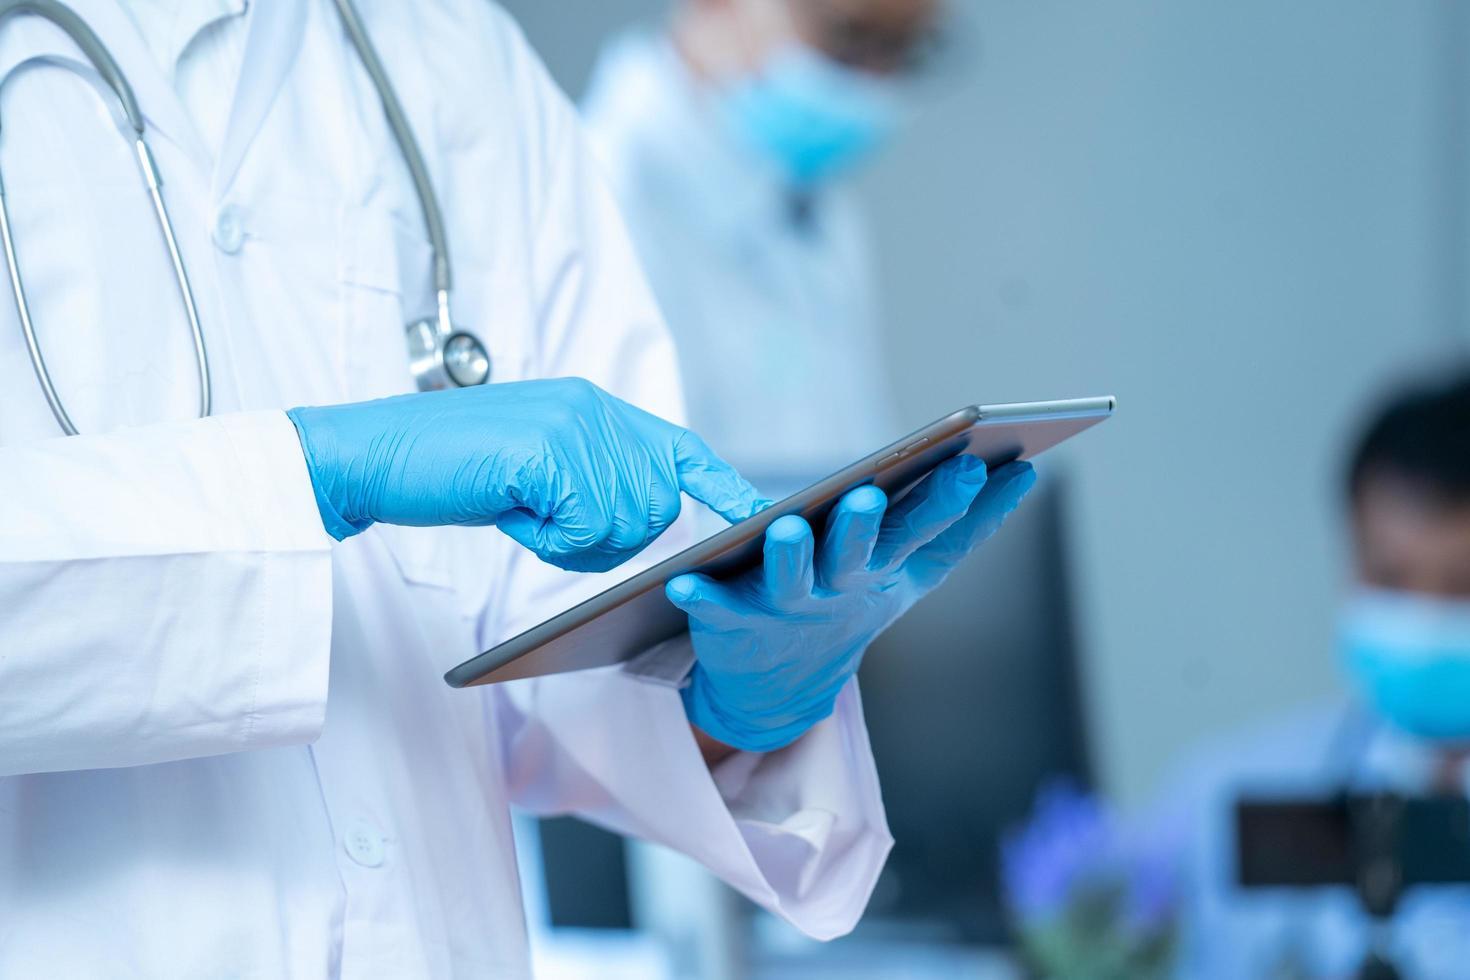 personne avec des gants et une blouse de laboratoire et une tablette photo